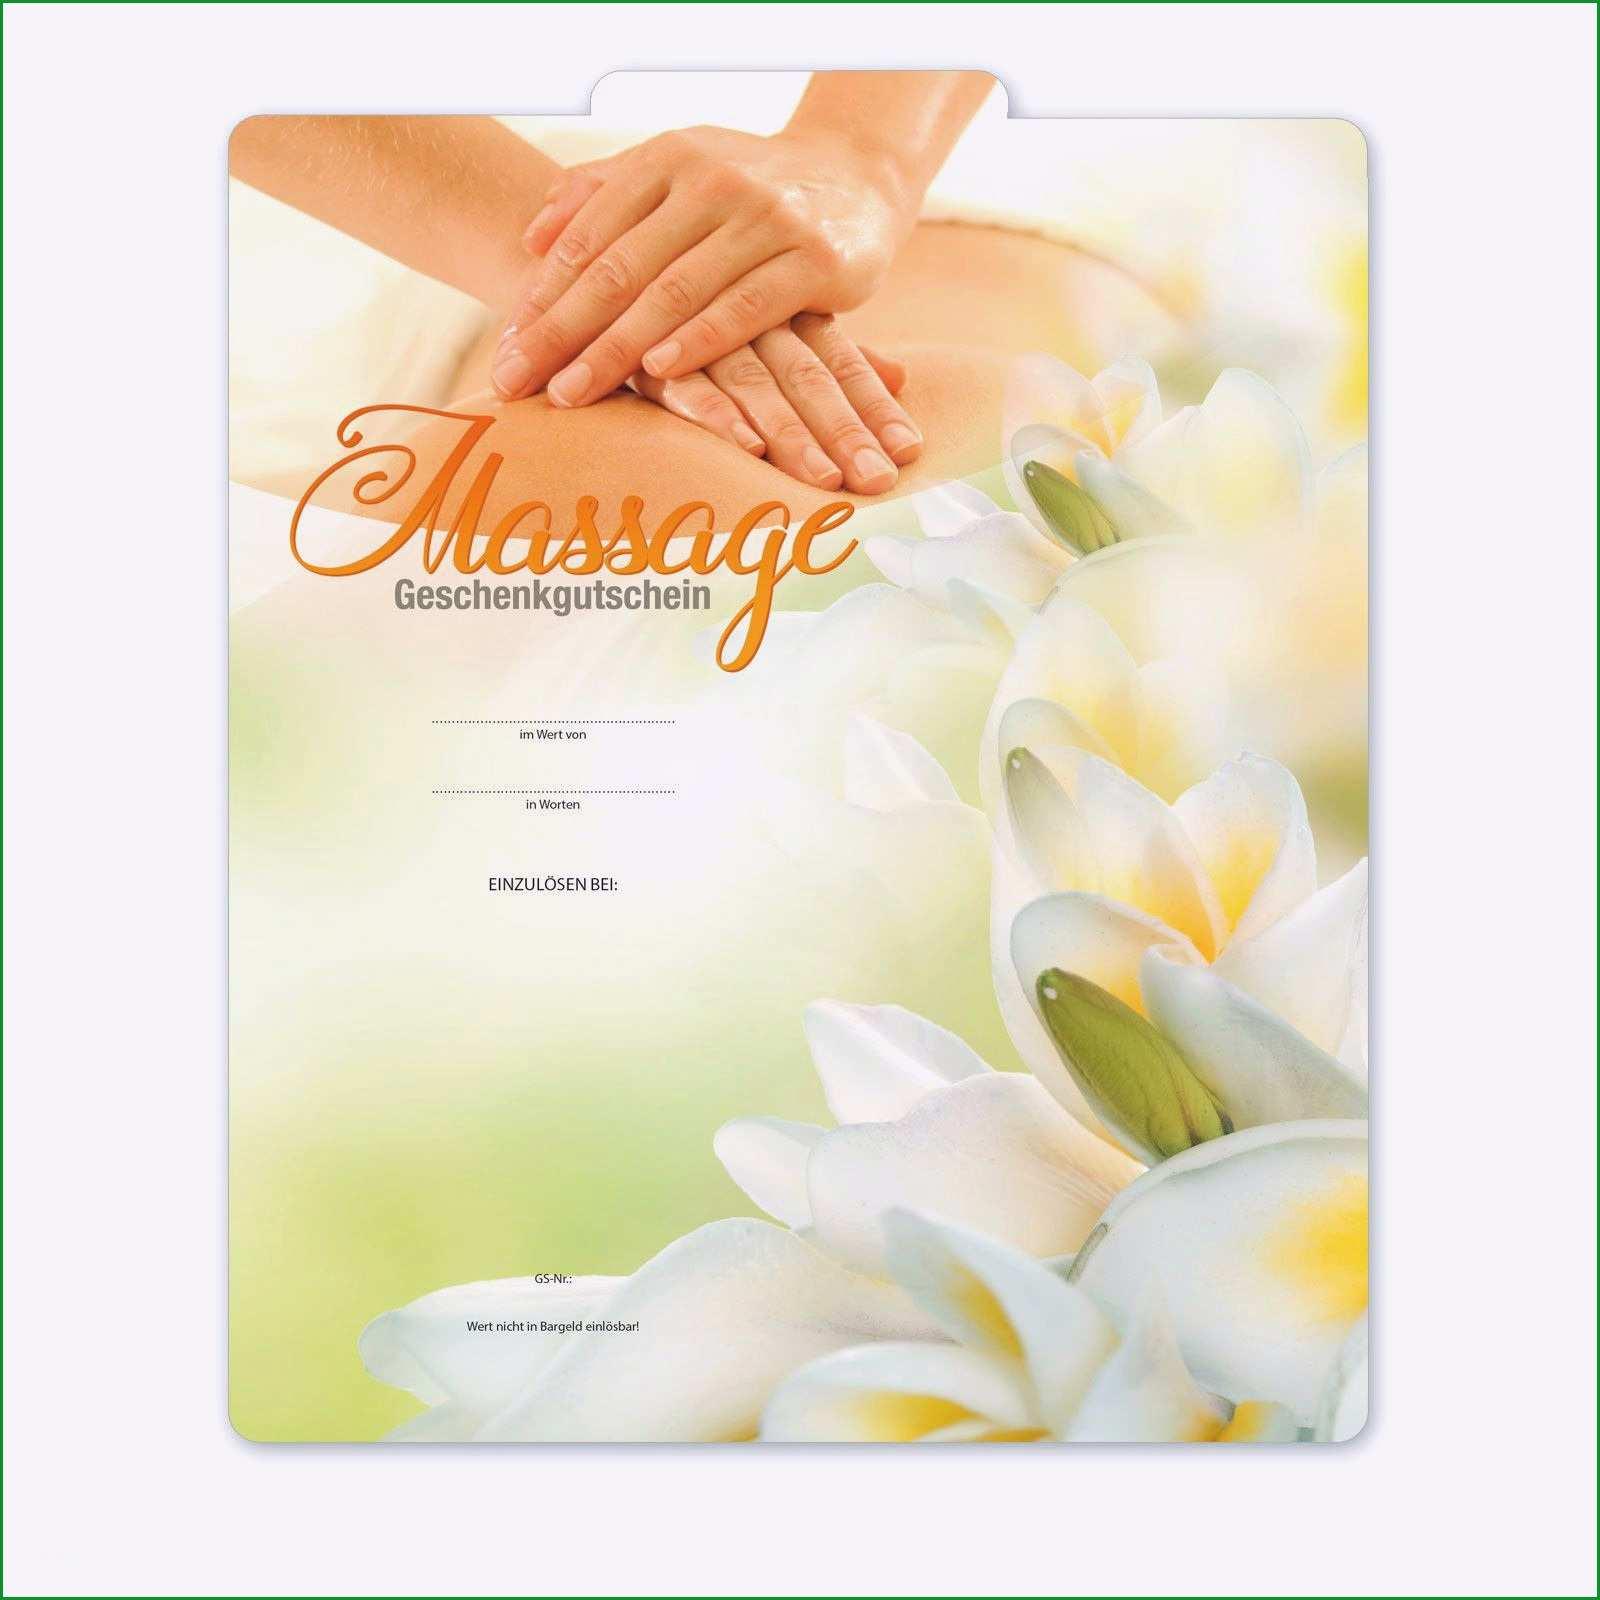 Unvergesslich Gutschein Massage Vorlage